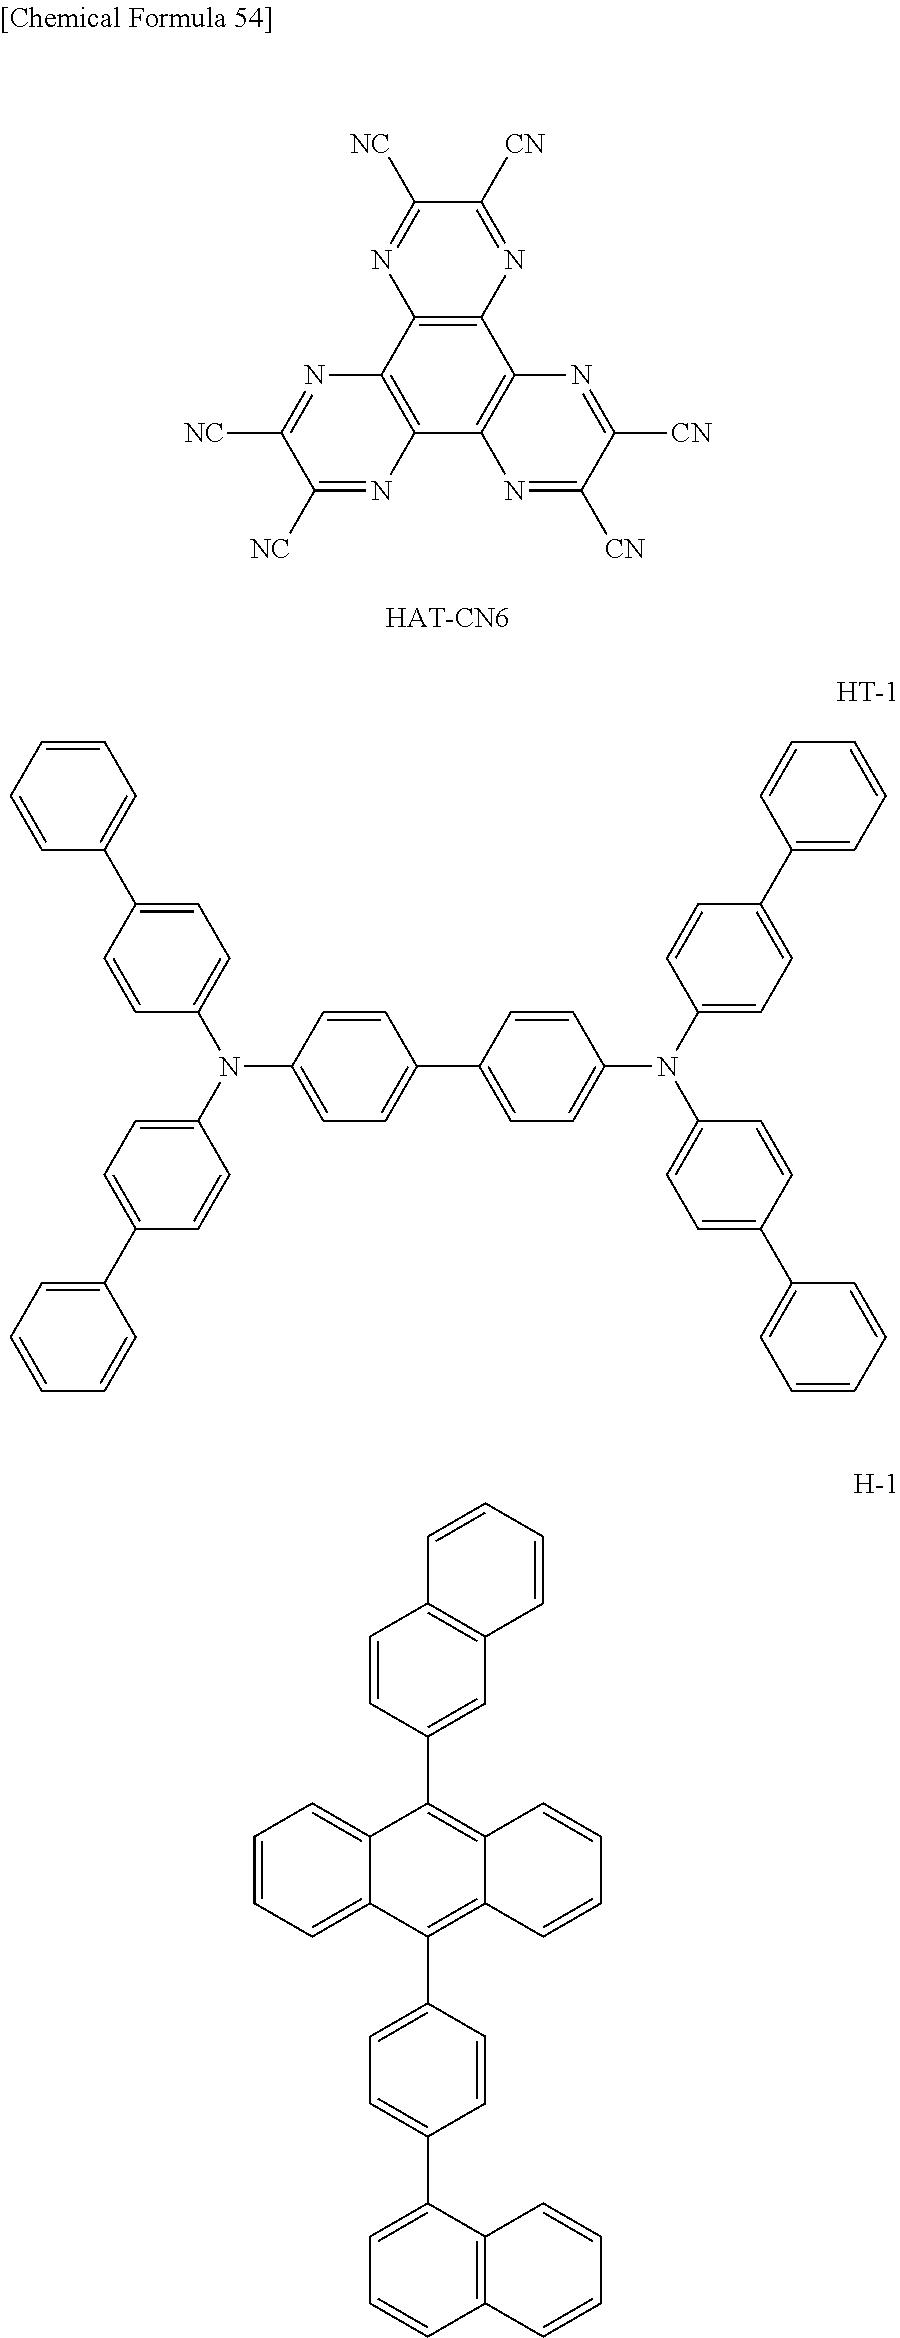 Figure US20150280139A1-20151001-C00137